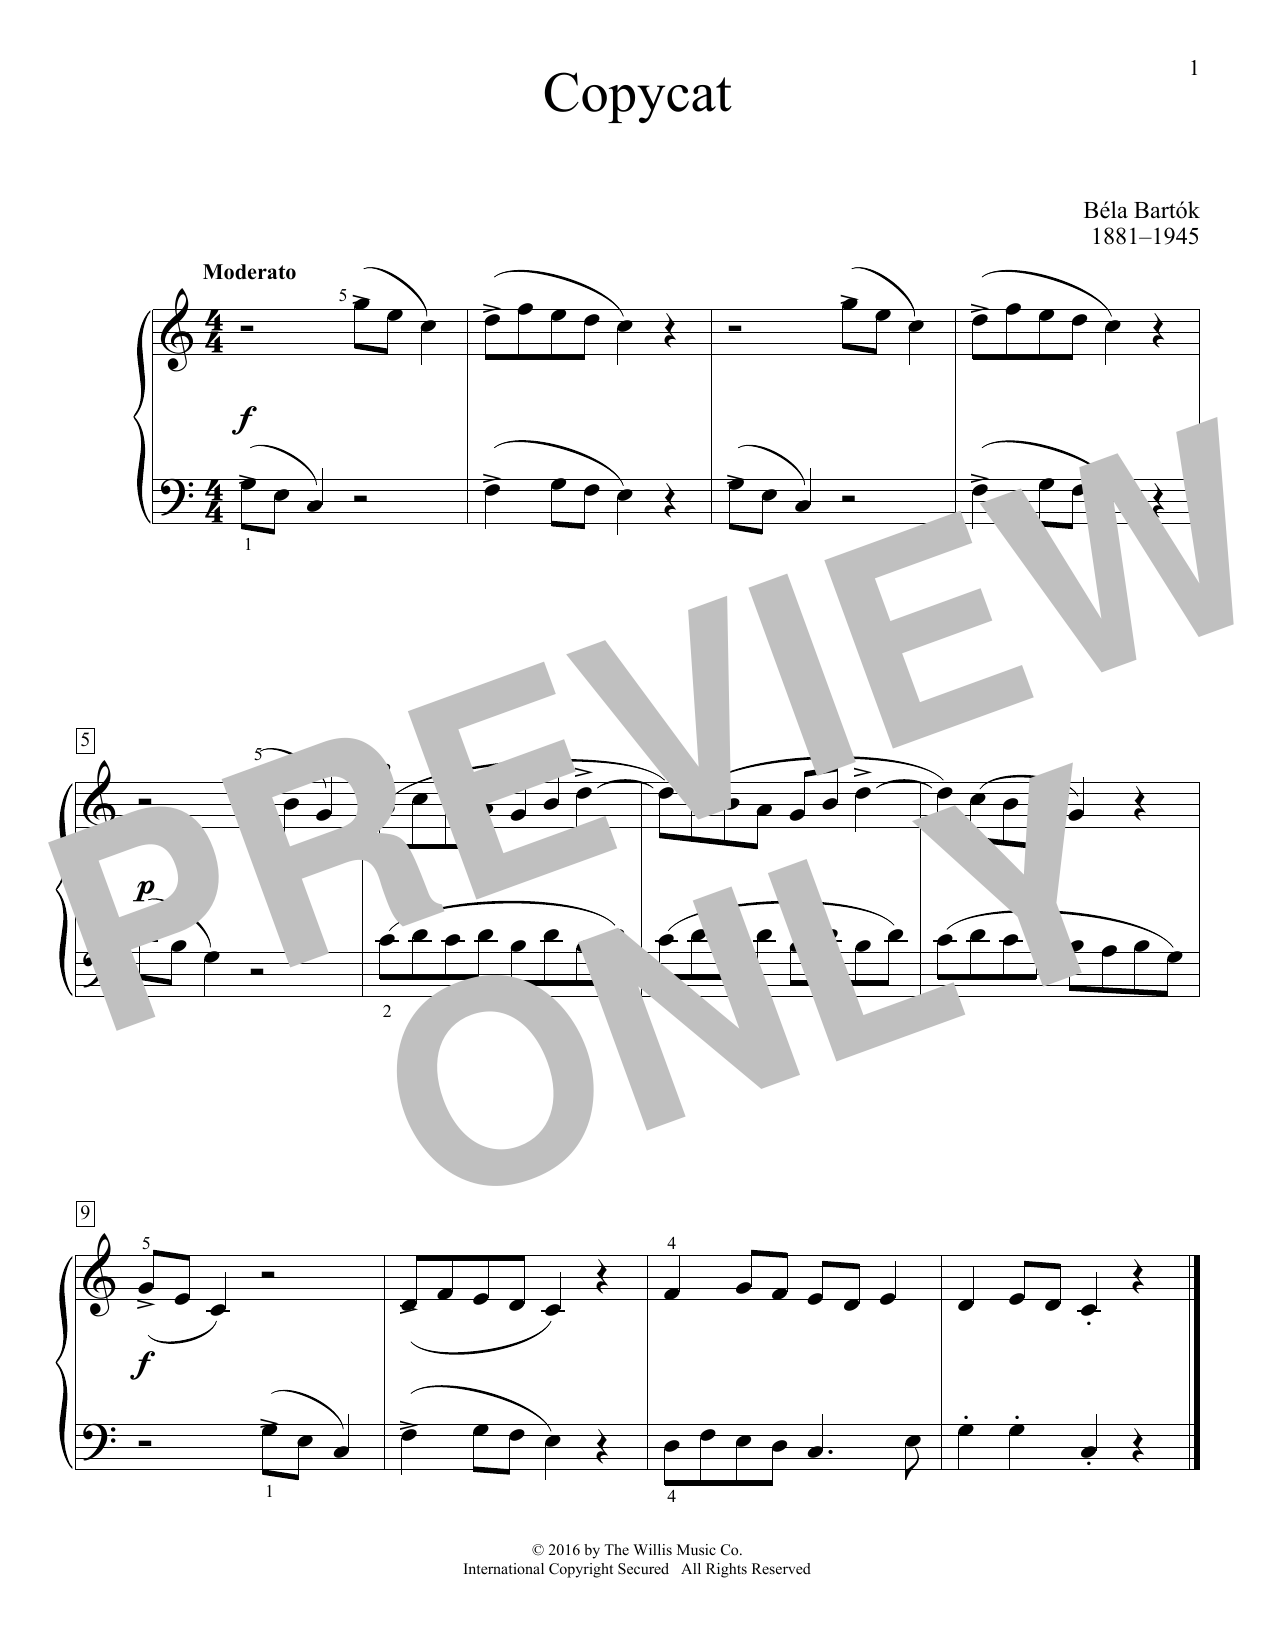 Copycat Sheet Music